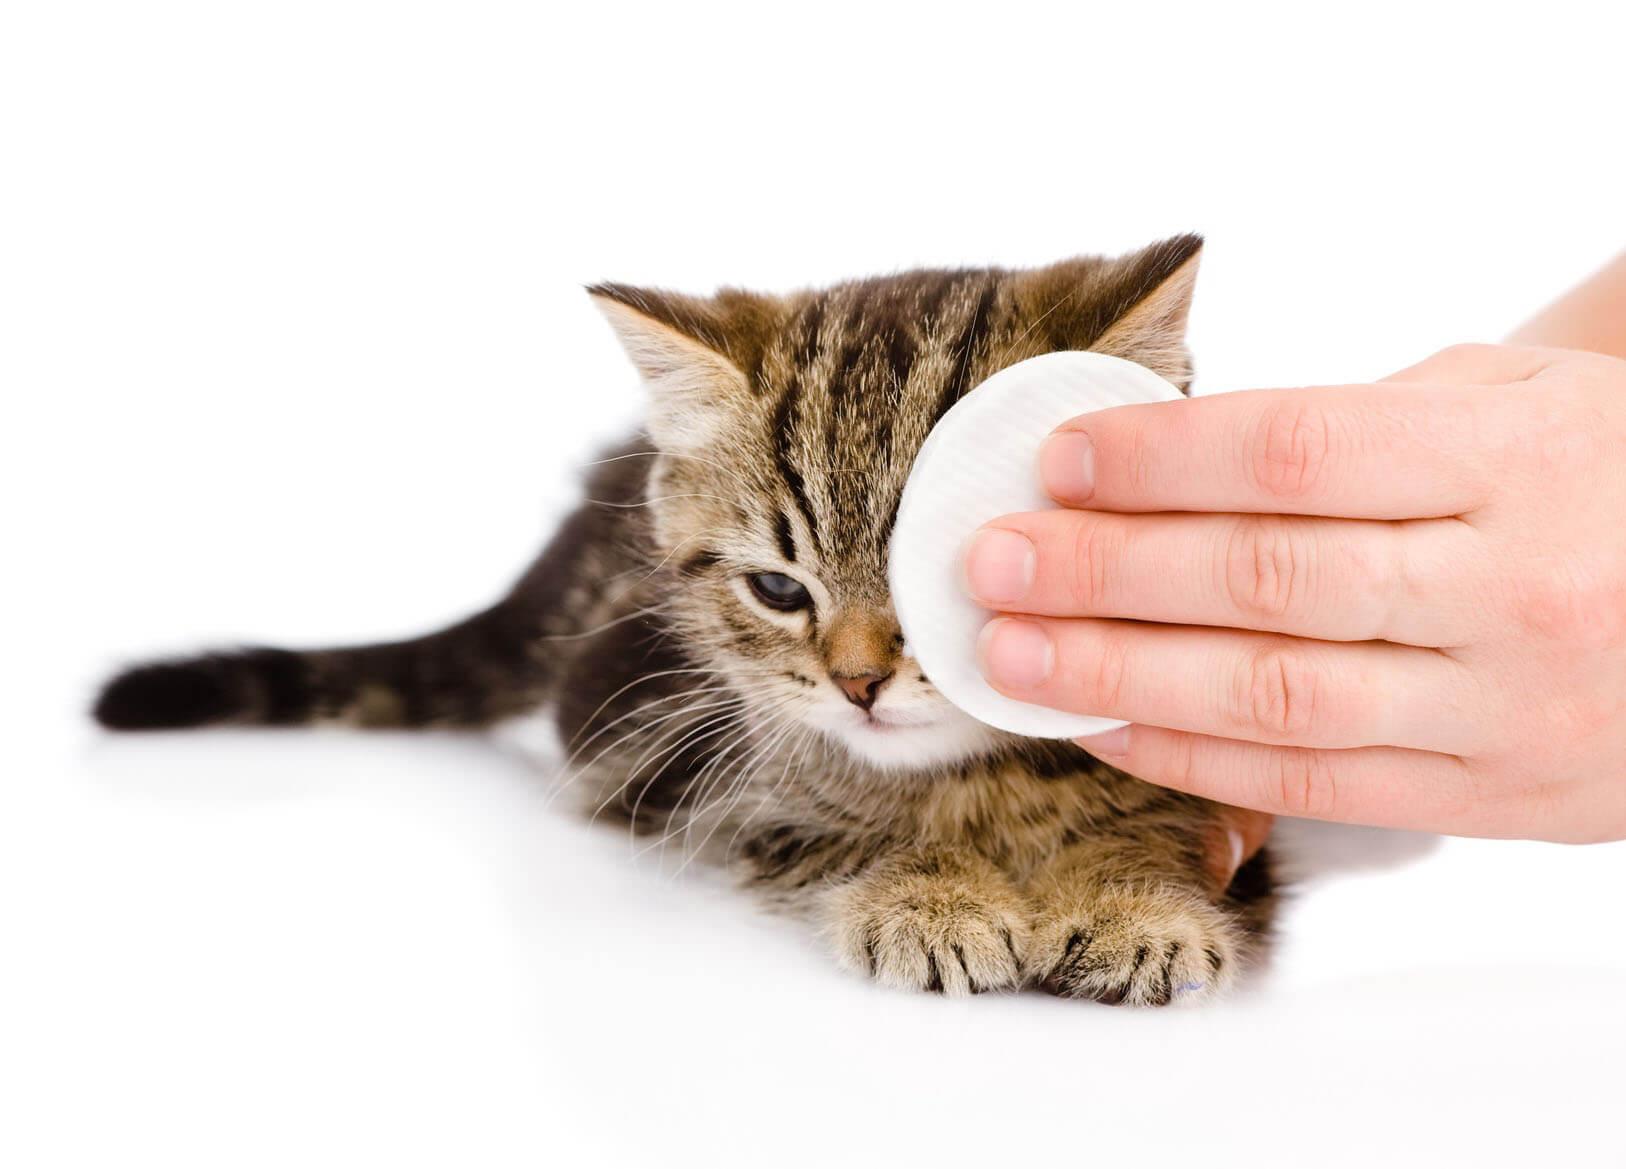 Kedi akıyordu. Ne tür bir hastalık ve nasıl tedavi edilecek